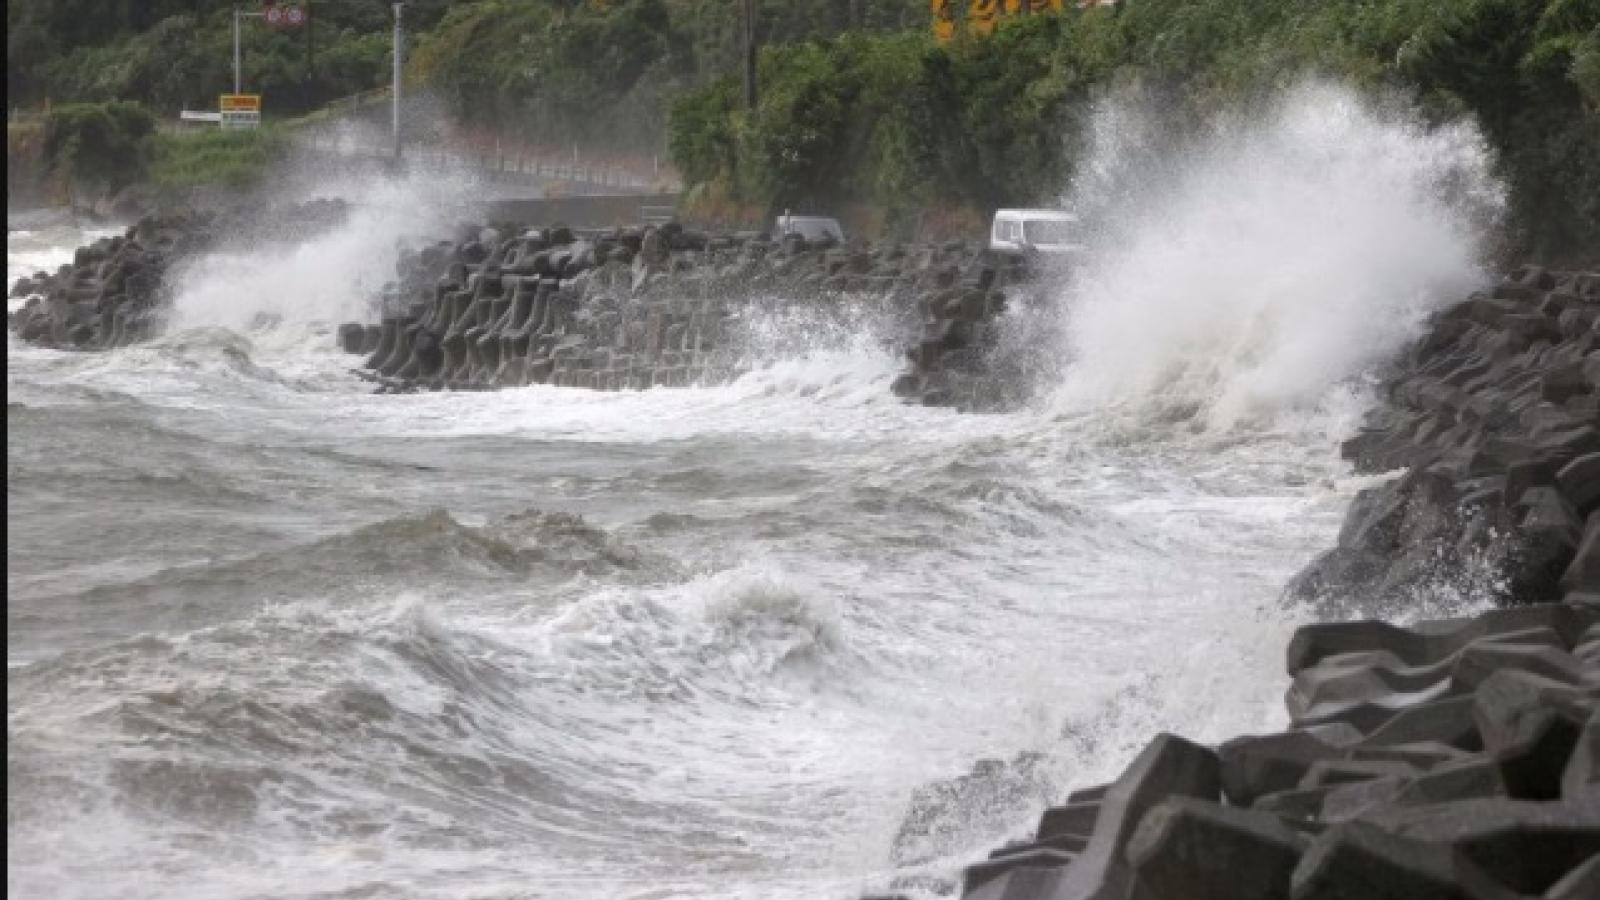 Nhật Bản gấp rút đối phó với siêu bão Haishen mạnh nhất trong nhiều thập kỷ